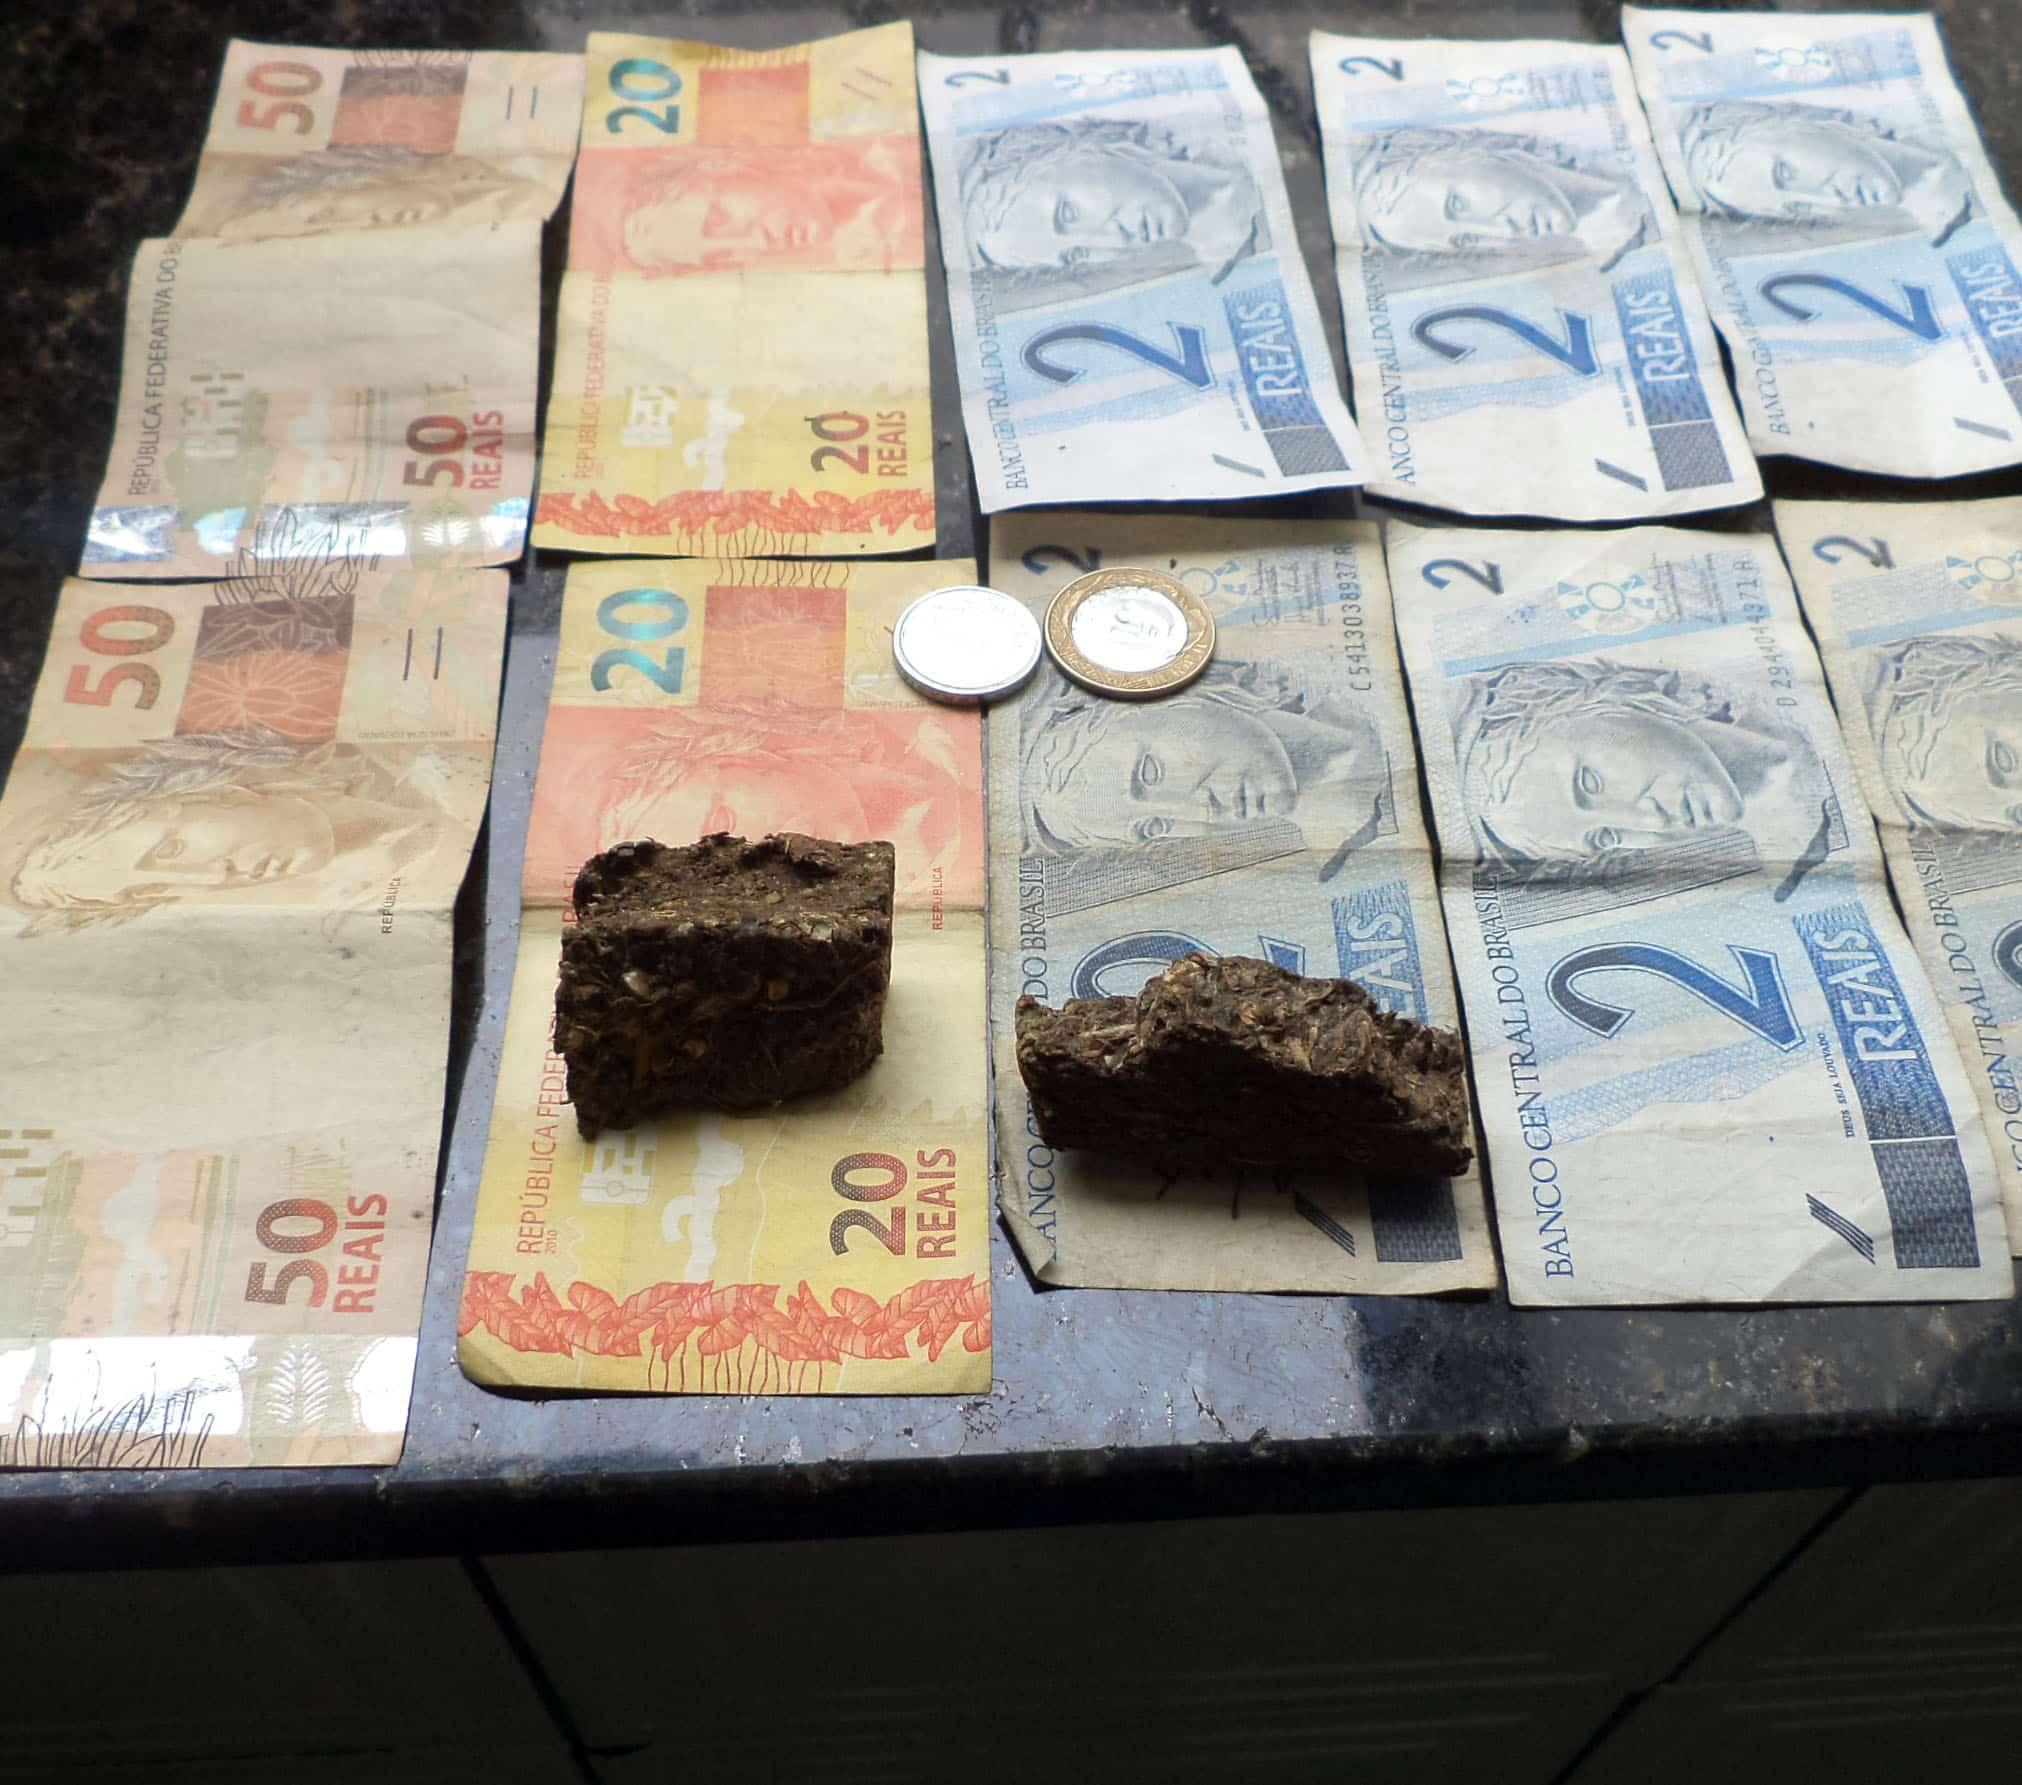 Contra o suspeito já havia um inquérito em aberto com objetivo de apurar o tráfico de drogas